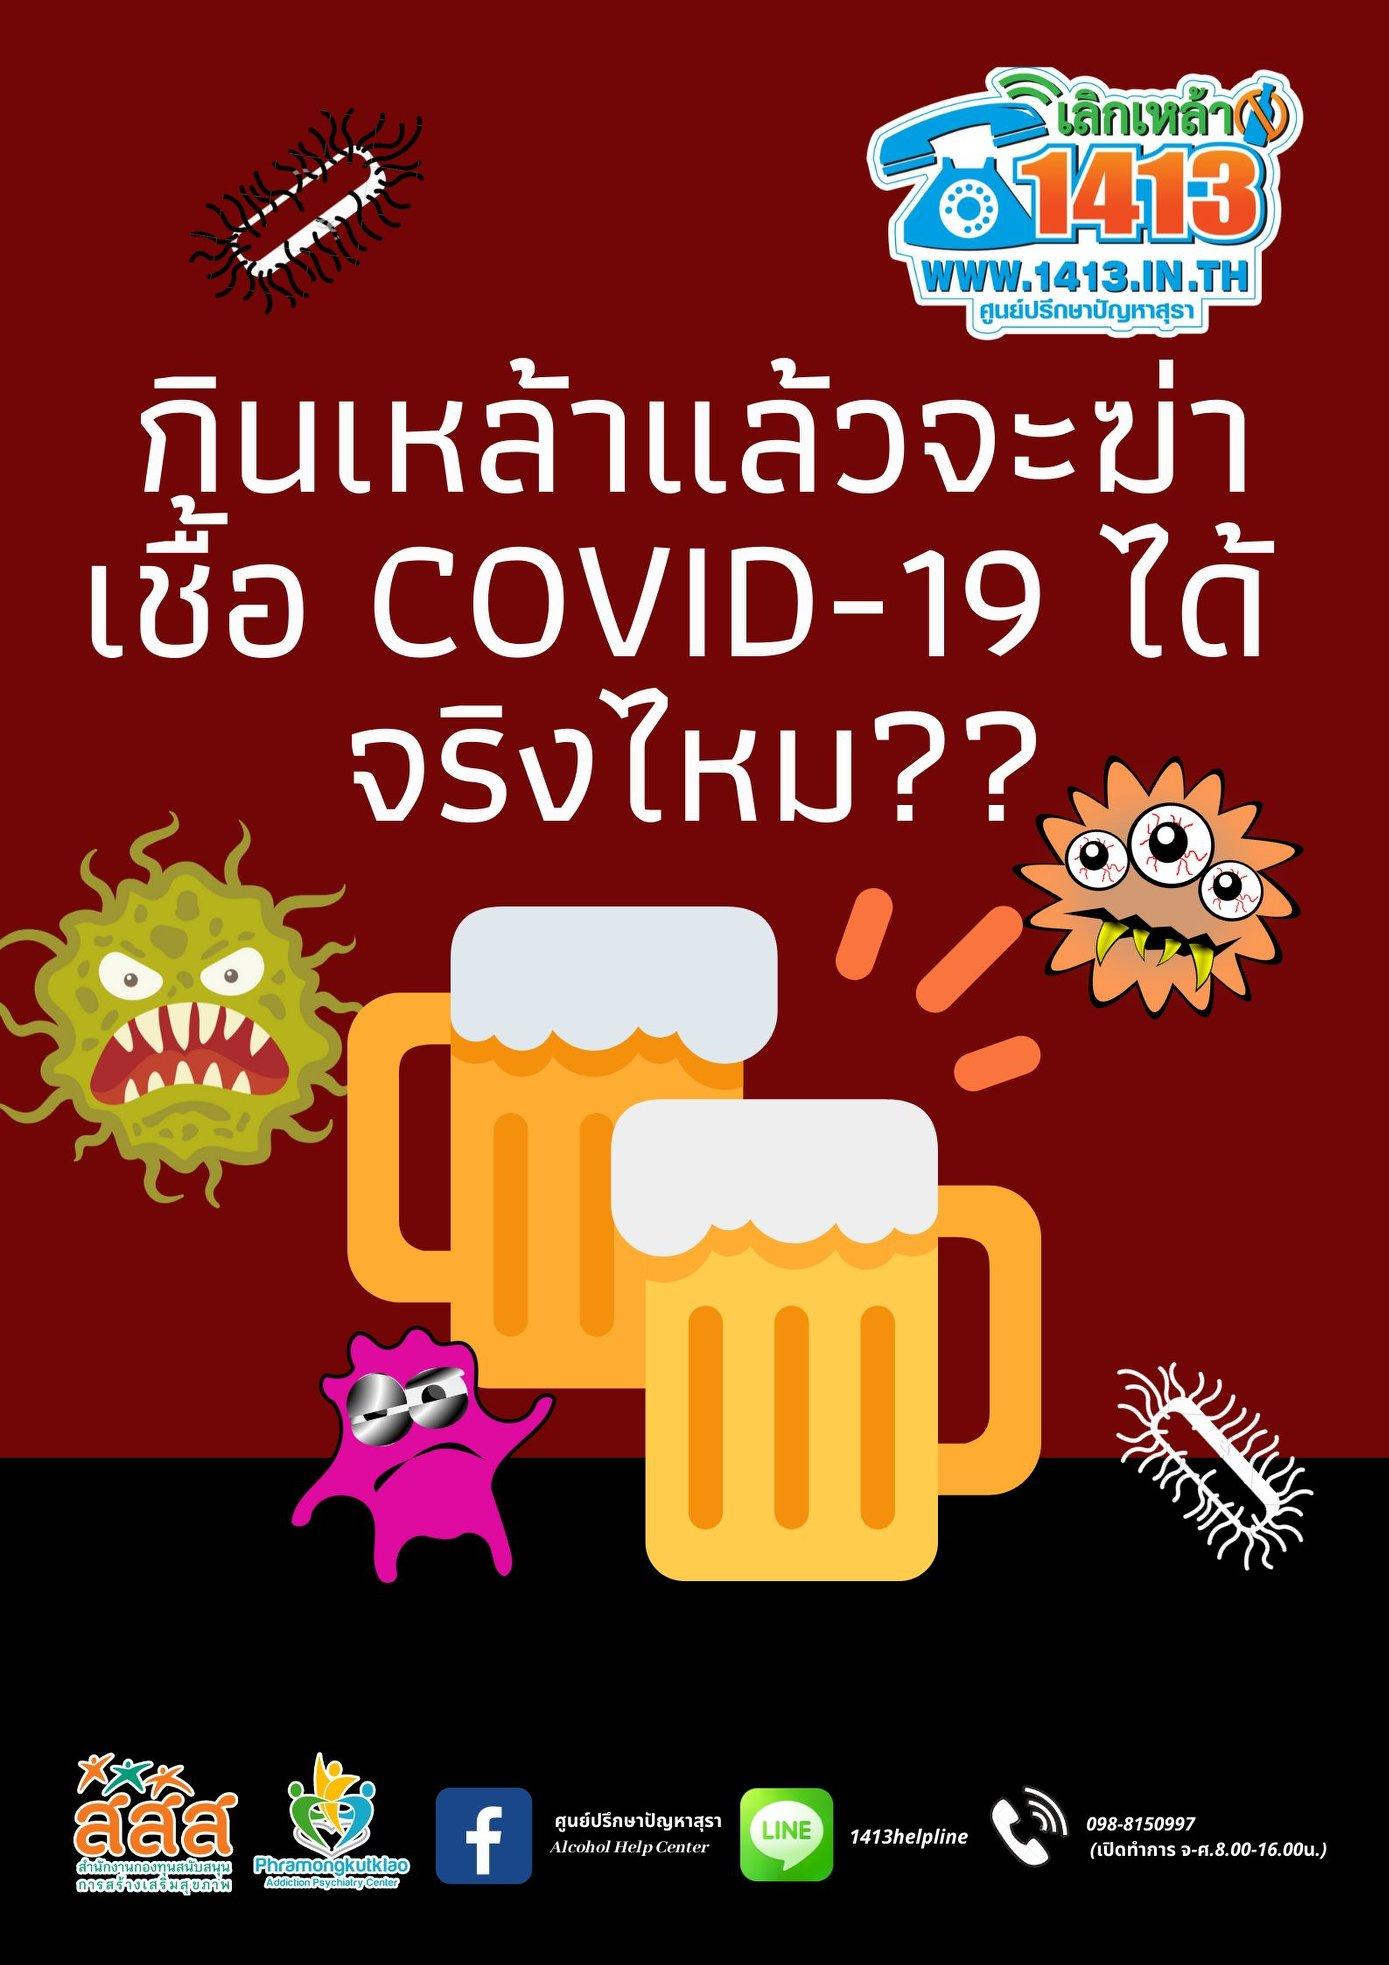 ดื่มเหล้าเพื่อฆ่าเชื้อ COVID -19 ได้จริงไหม